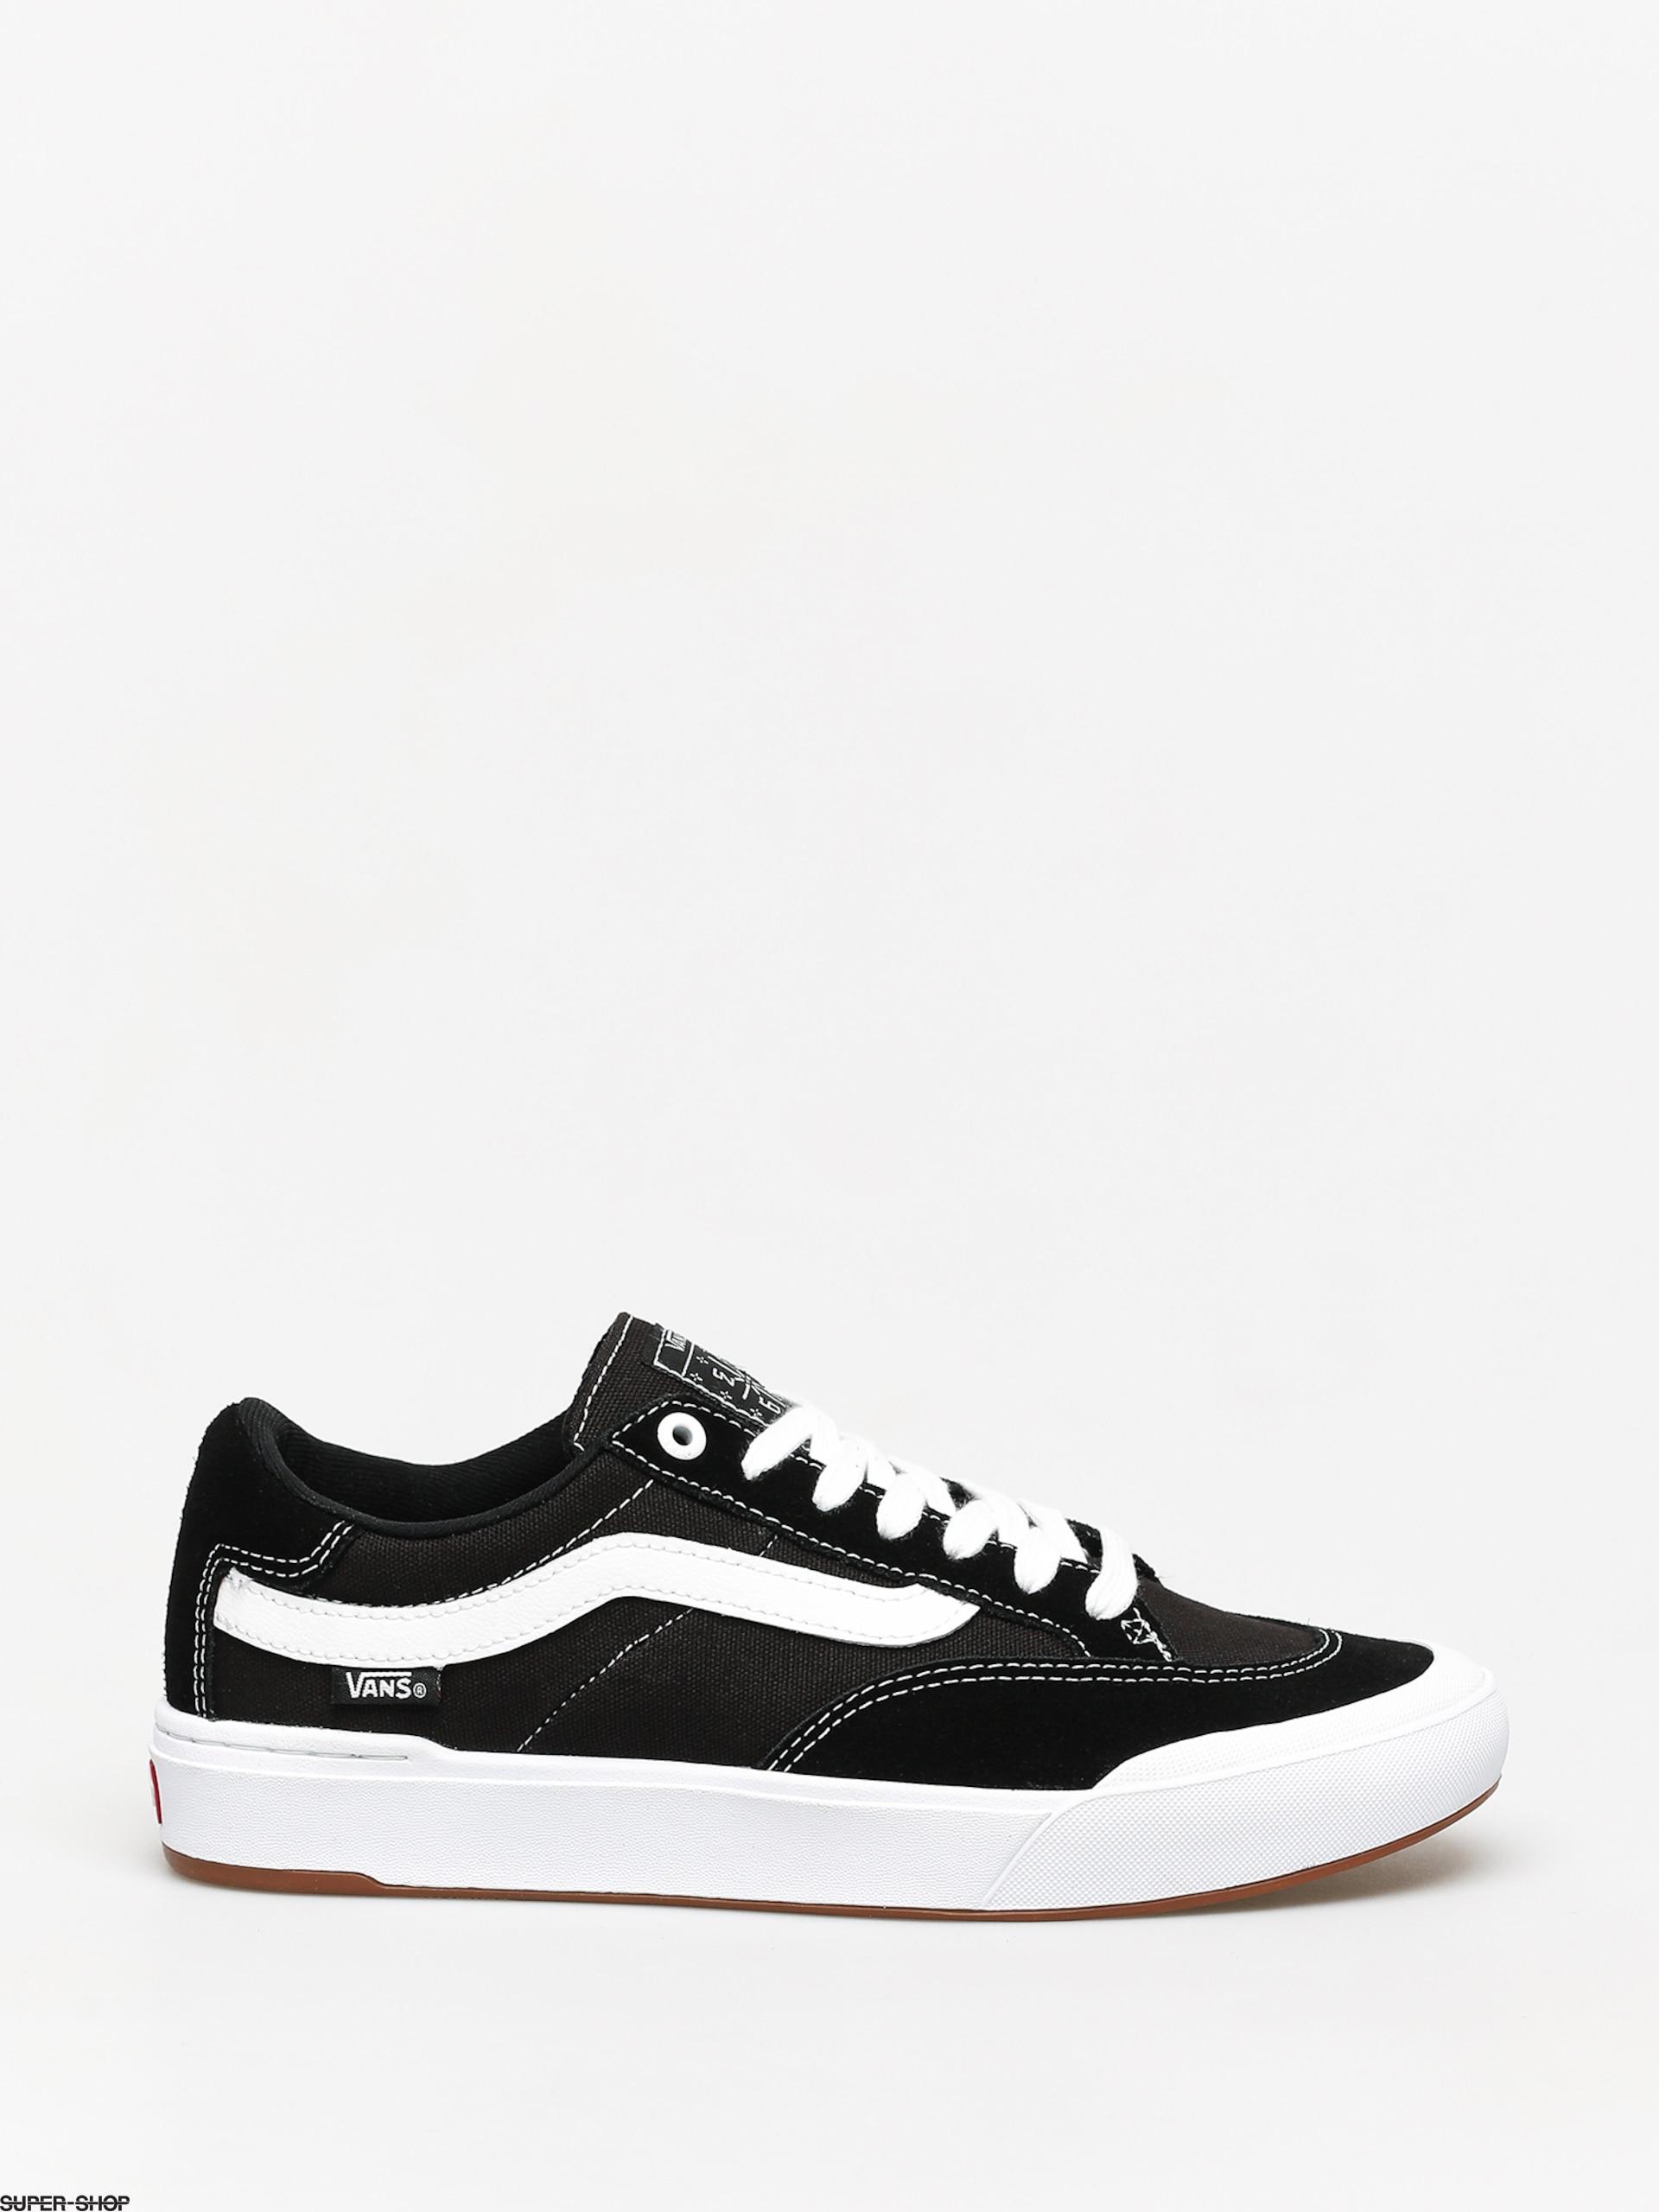 Vans Berle Pro Shoes (black/true white)